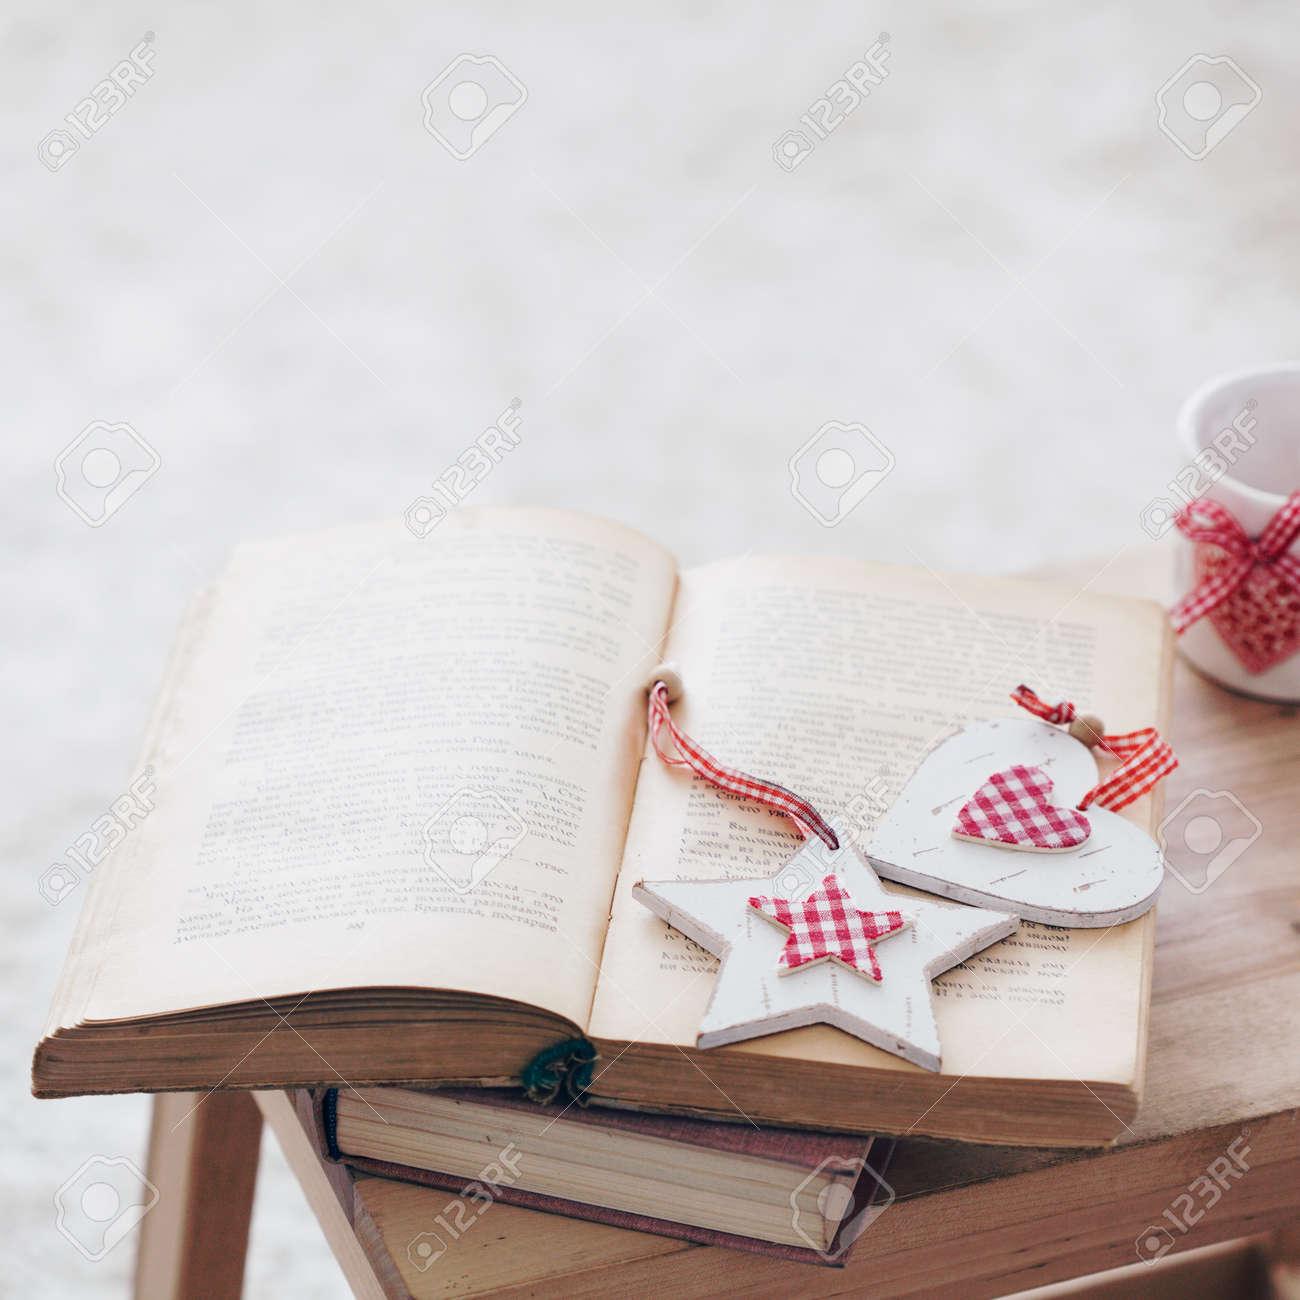 Warm Foto Gemütliche Momente: Jahrgang Buch Mit Weihnachtsdekor Und ...